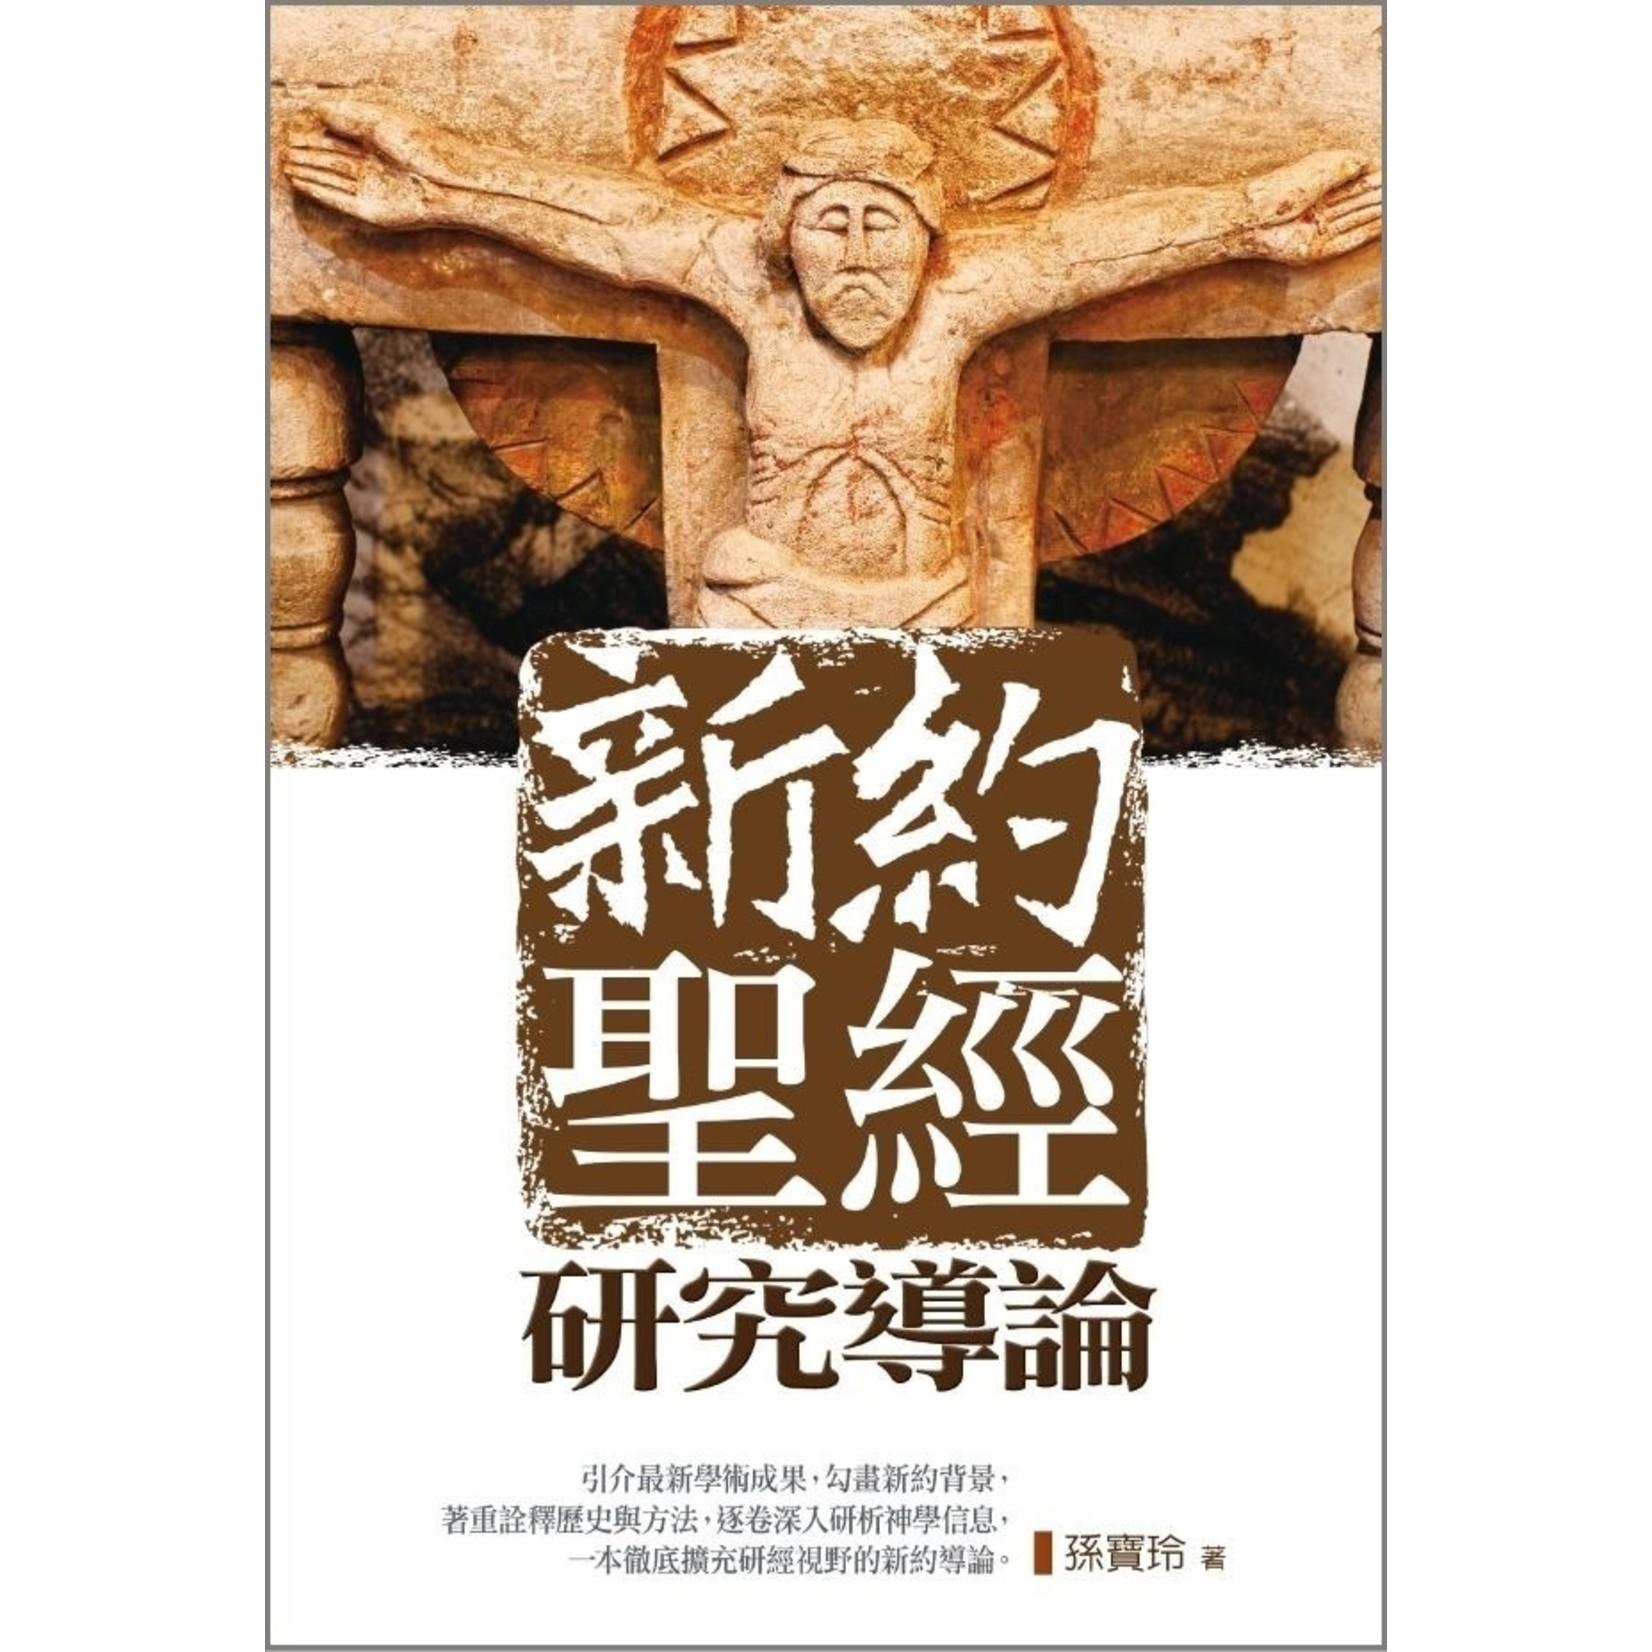 校園書房 Campus Books 新約聖經研究導論:初代基督徒的信仰與實踐